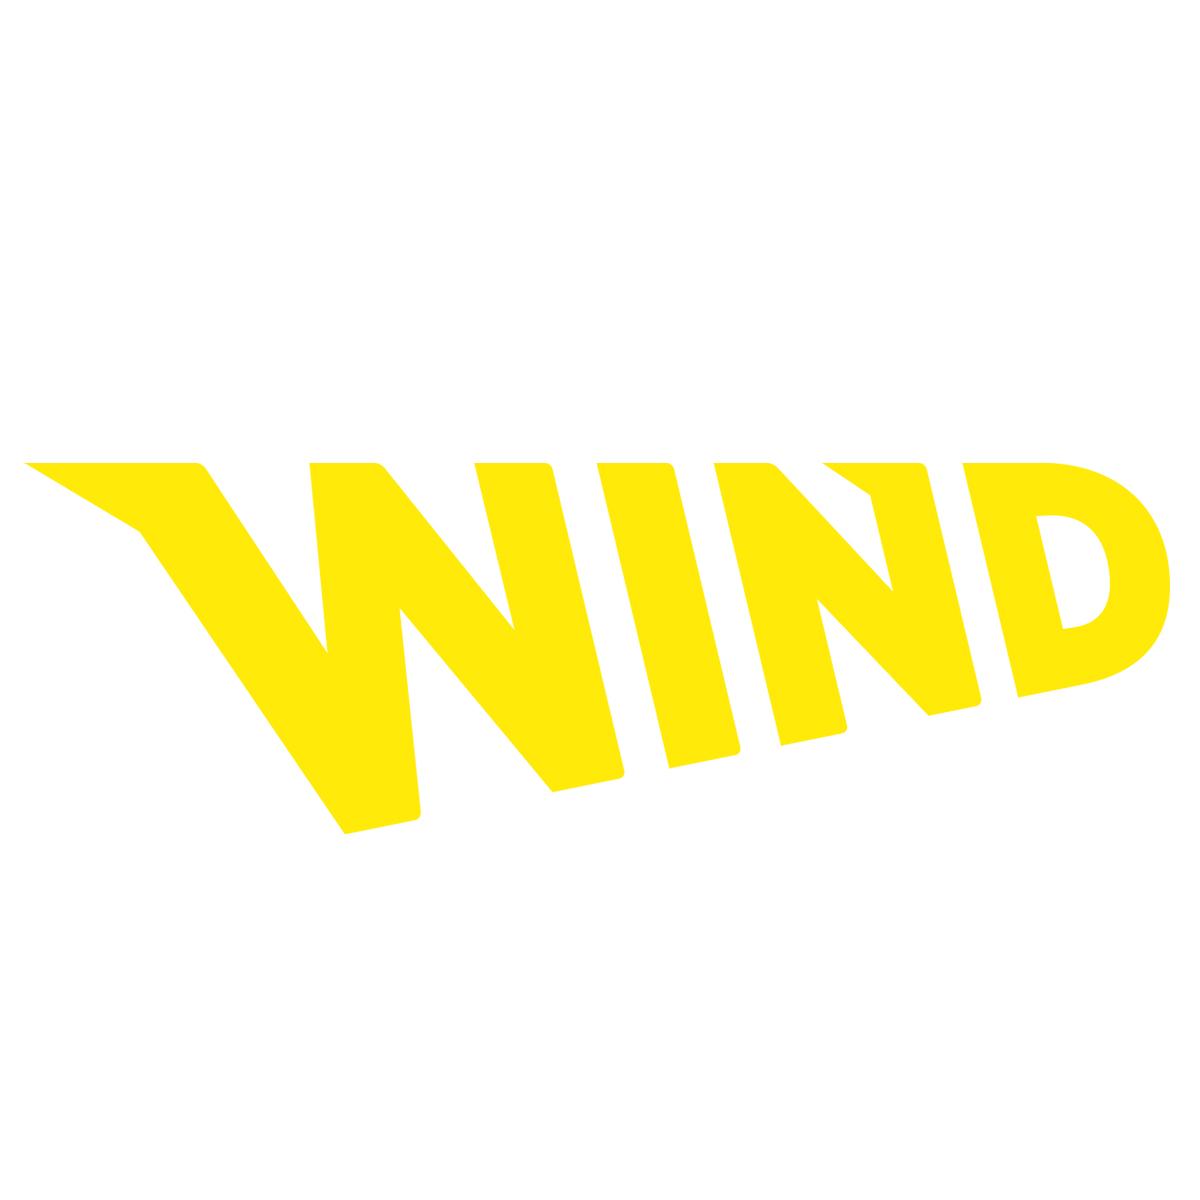 シェア電動キックボードサービス 「Wind」、幕張メッセにステーショ ンを1ヶ所増設~全ステーション数が15ヶ所となり、利便性が更に向上 ~